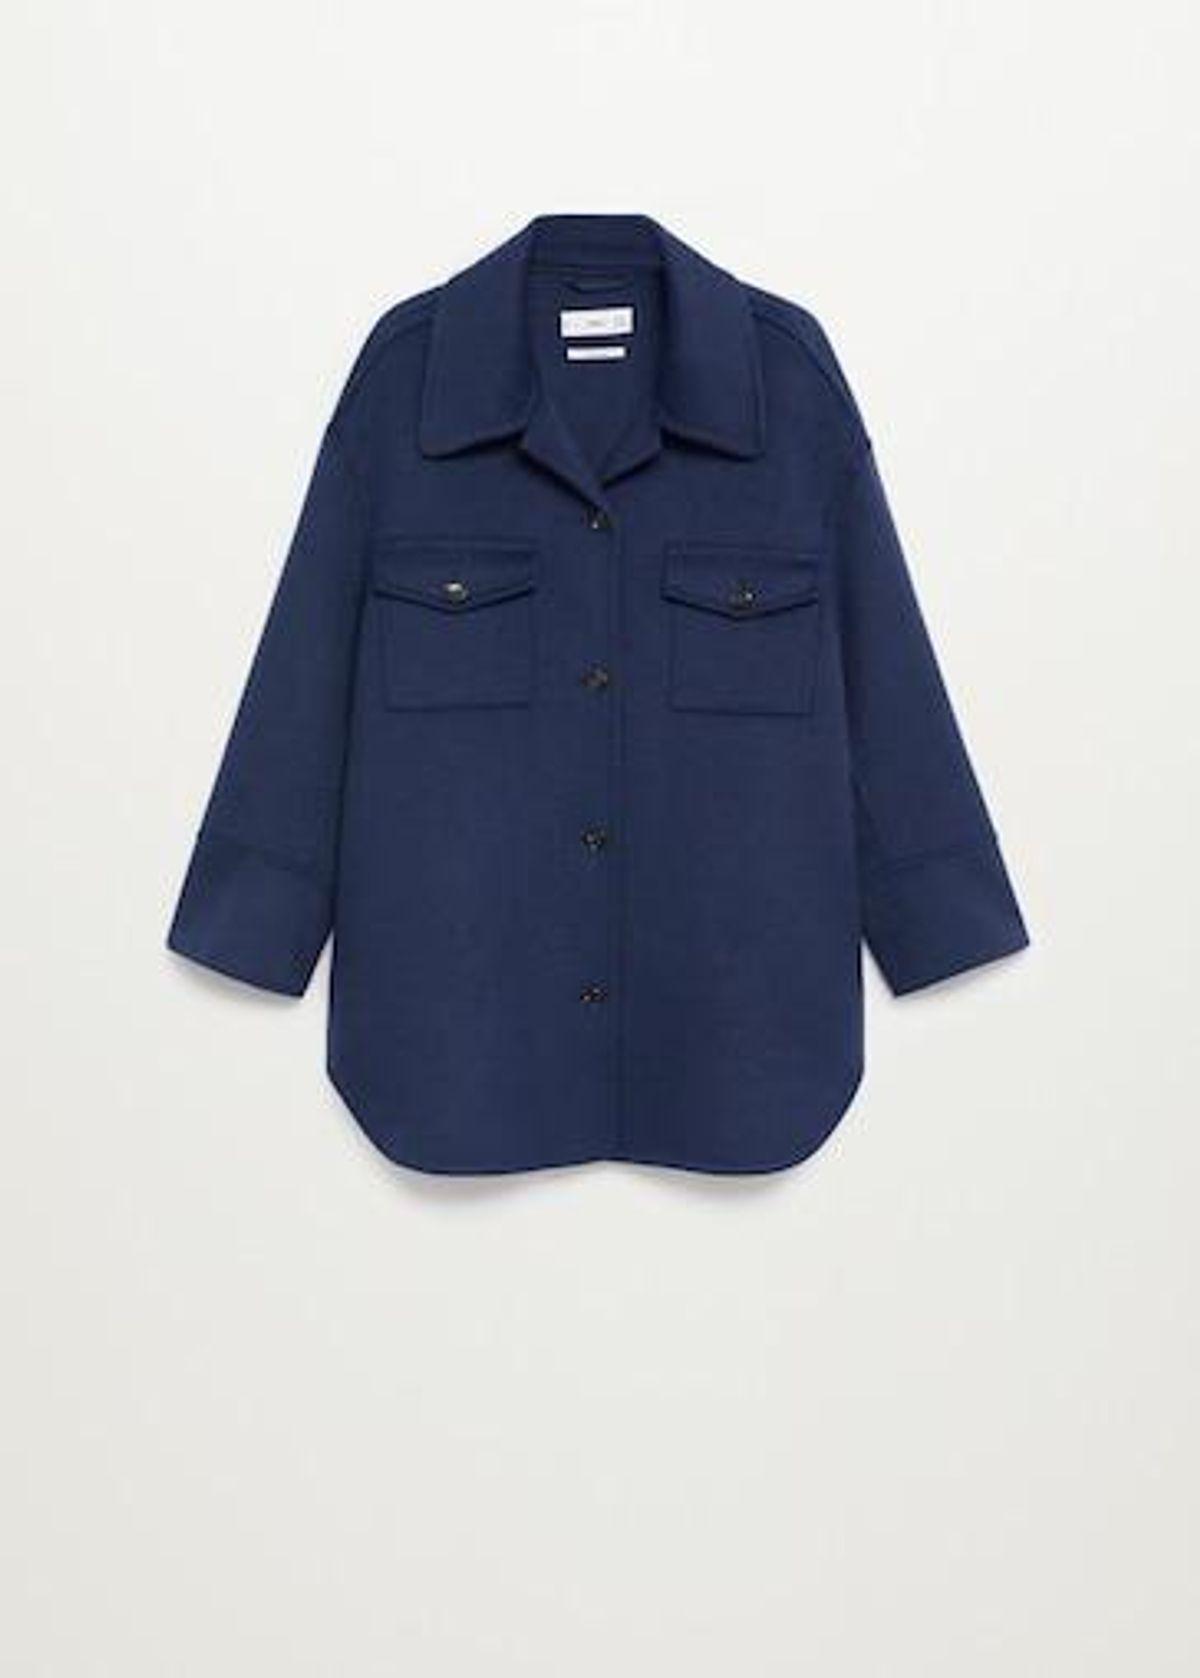 Oversized Handmade Overshirt